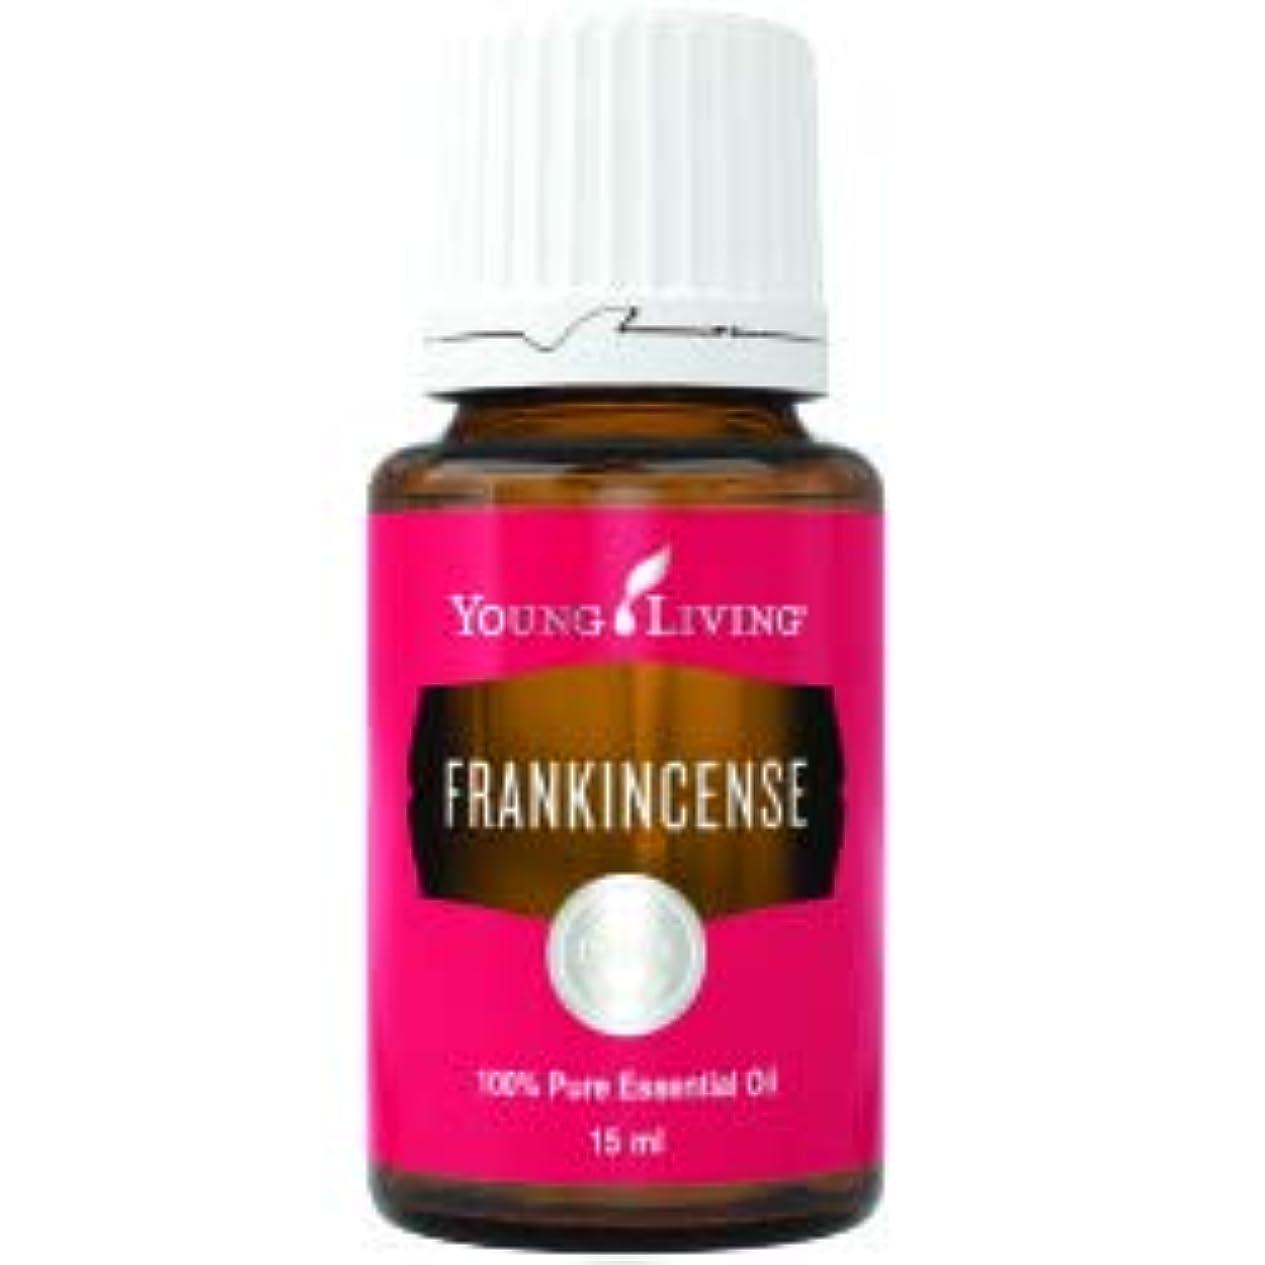 すずめステージ体操選手フランキンセンスエッセンシャルオイル ヤングリビングエッセンシャルオイルマレーシア15ml Frankincense Essential Oil 15ml by Young Living Essential Oil Malaysia